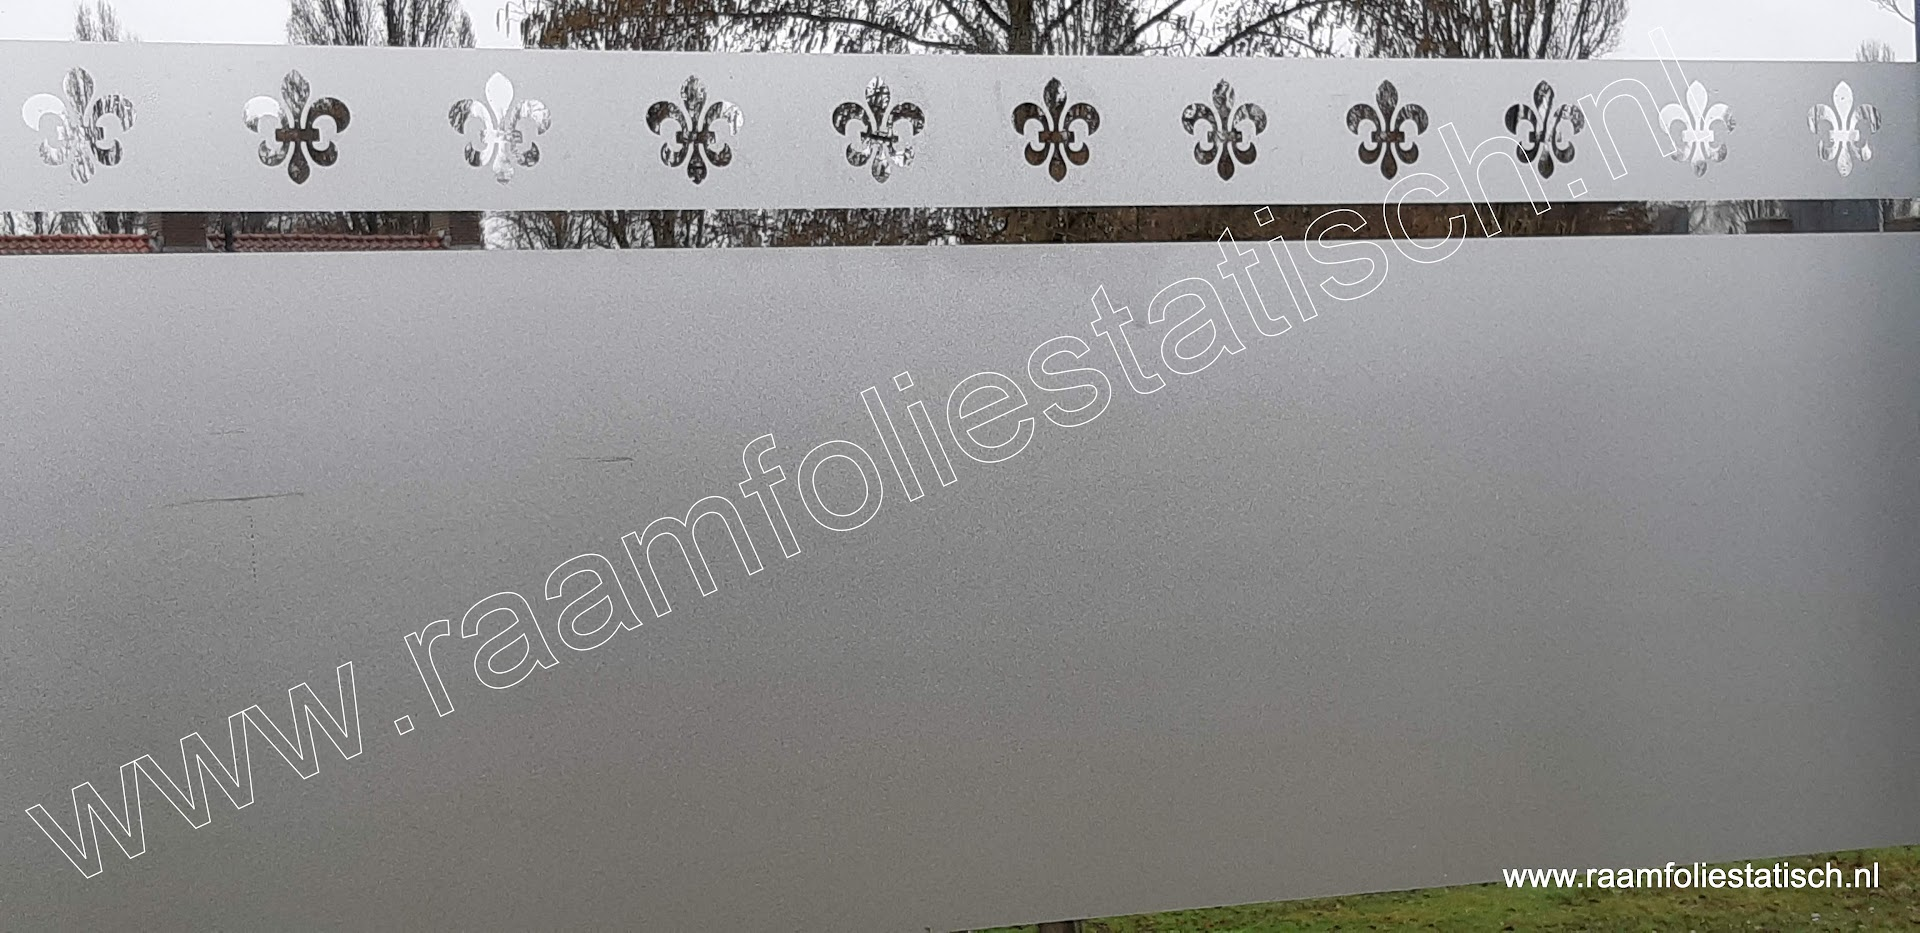 Strook barok 3 statische raamfolie met uitgesneden motieven